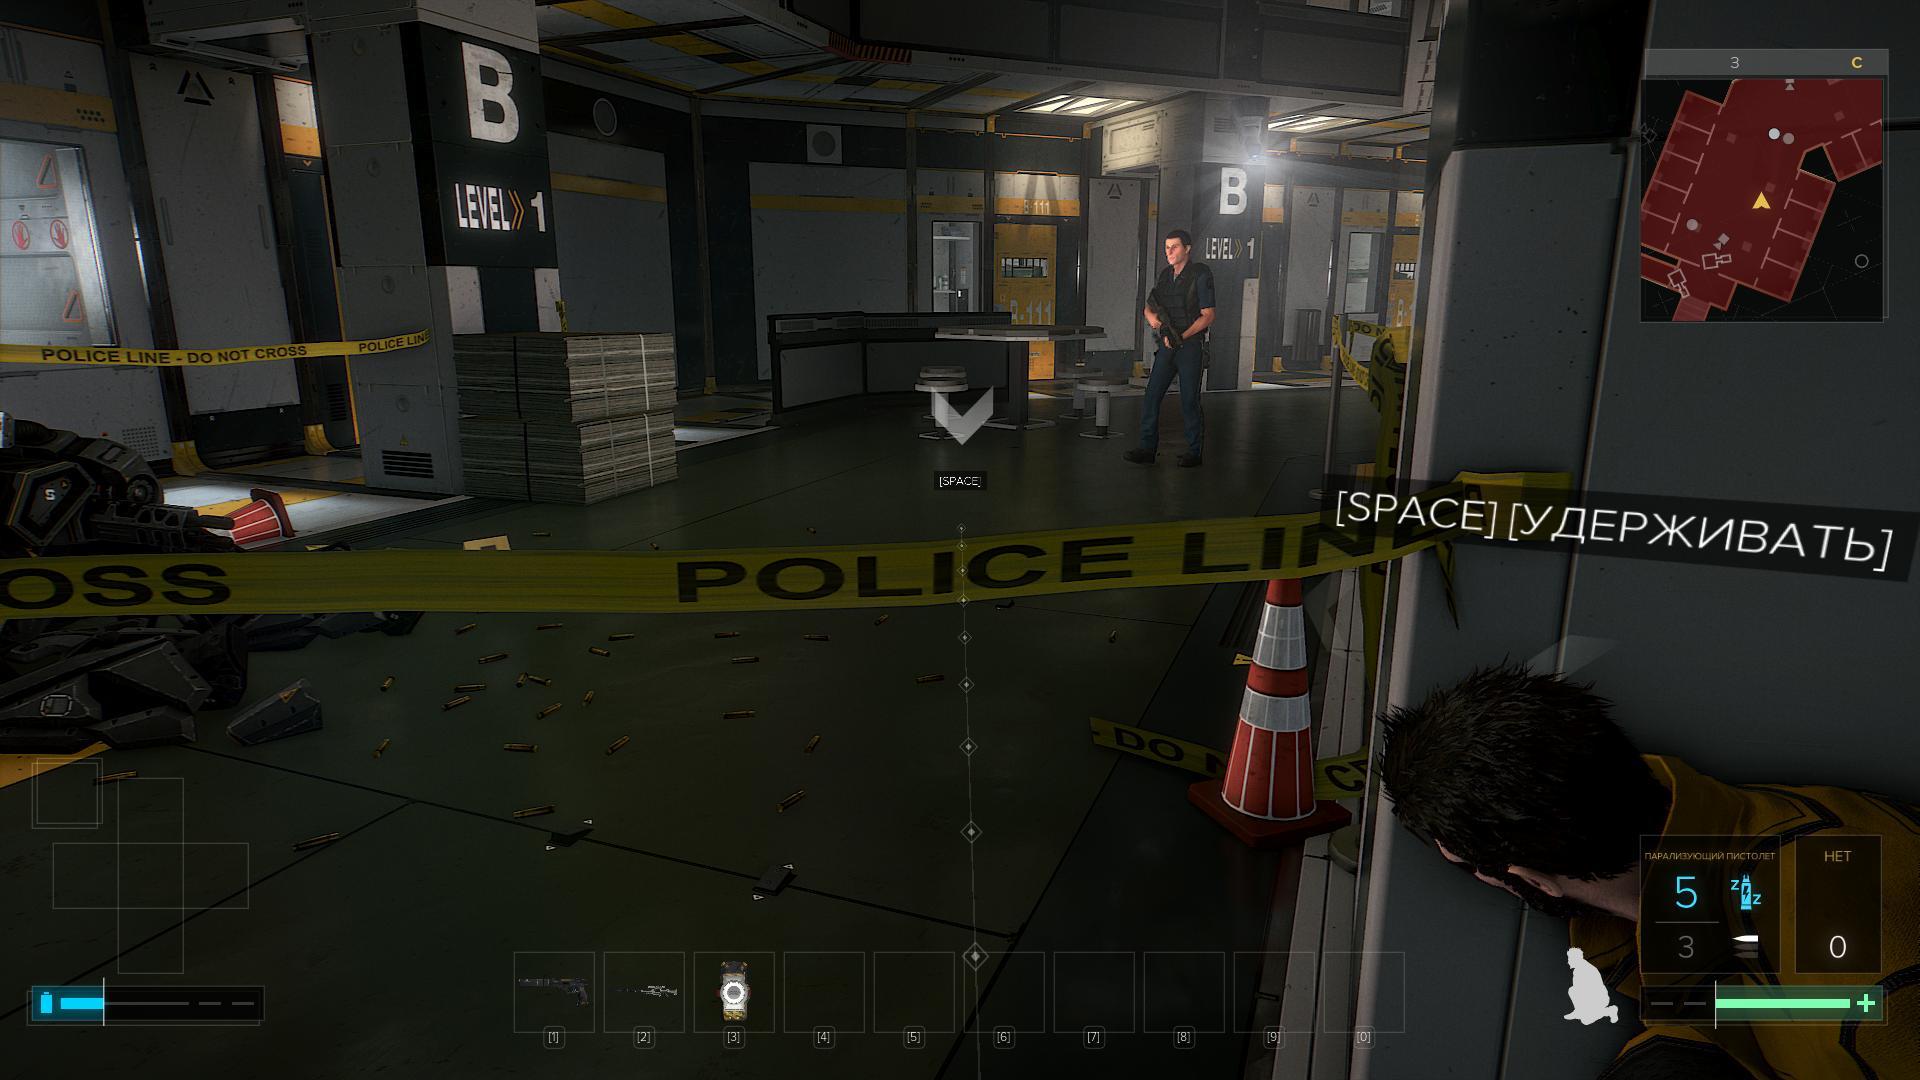 000376.Jpg - Deus Ex: Mankind Divided